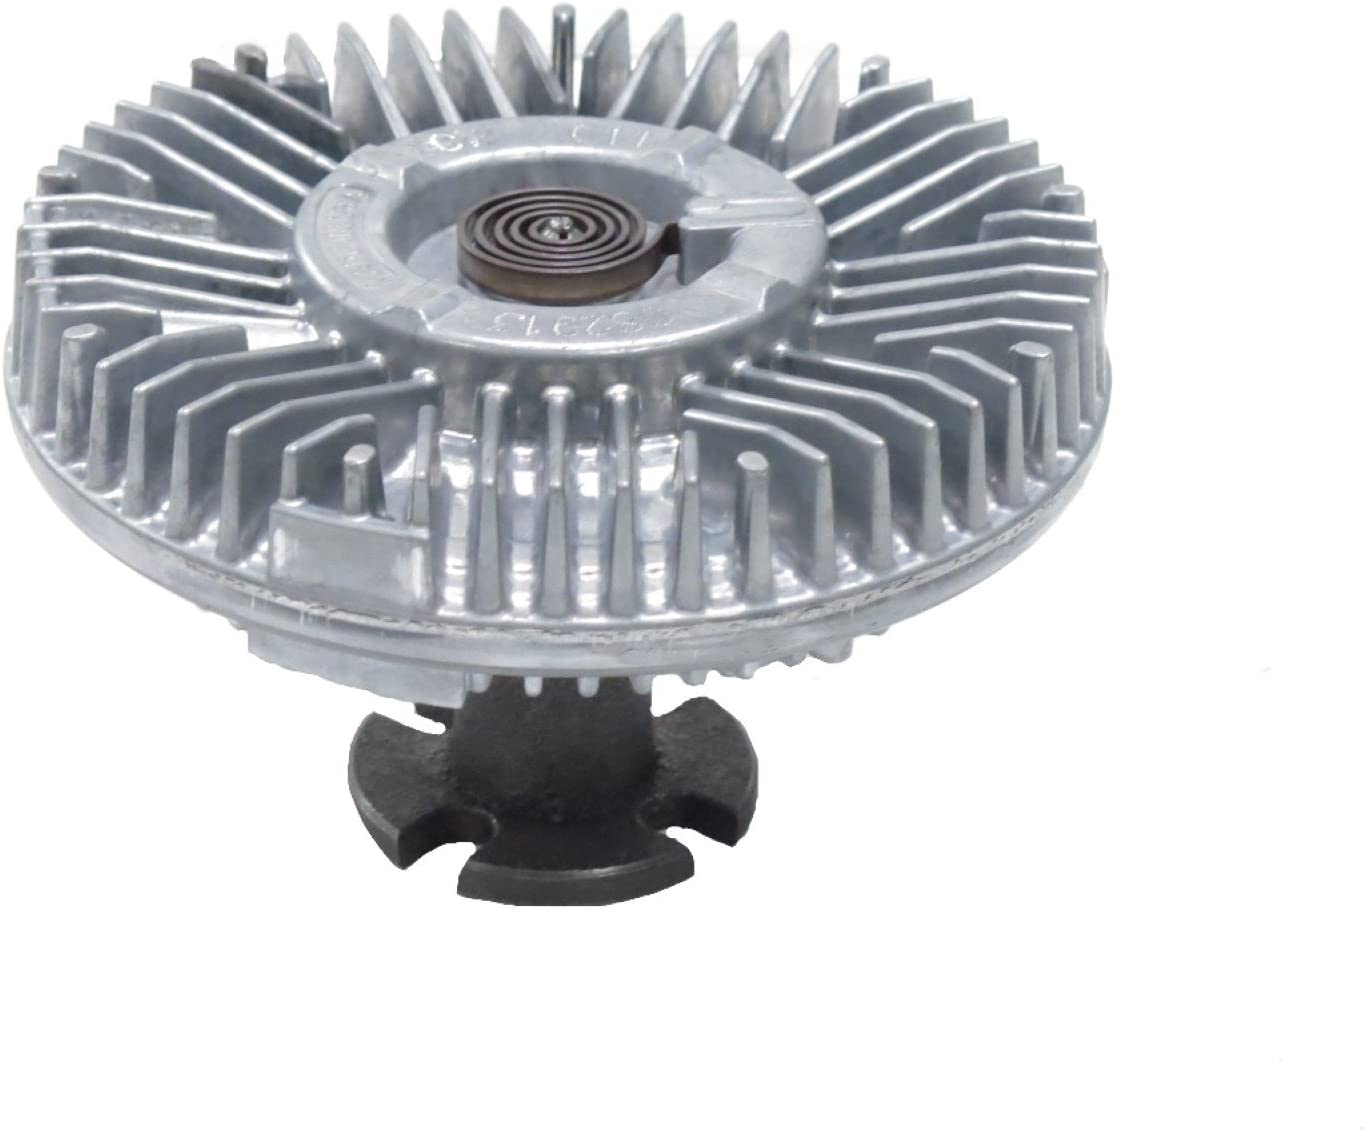 Derale 22016 USMW Professional Series Heavy Duty Fan Clutch US Motor Works